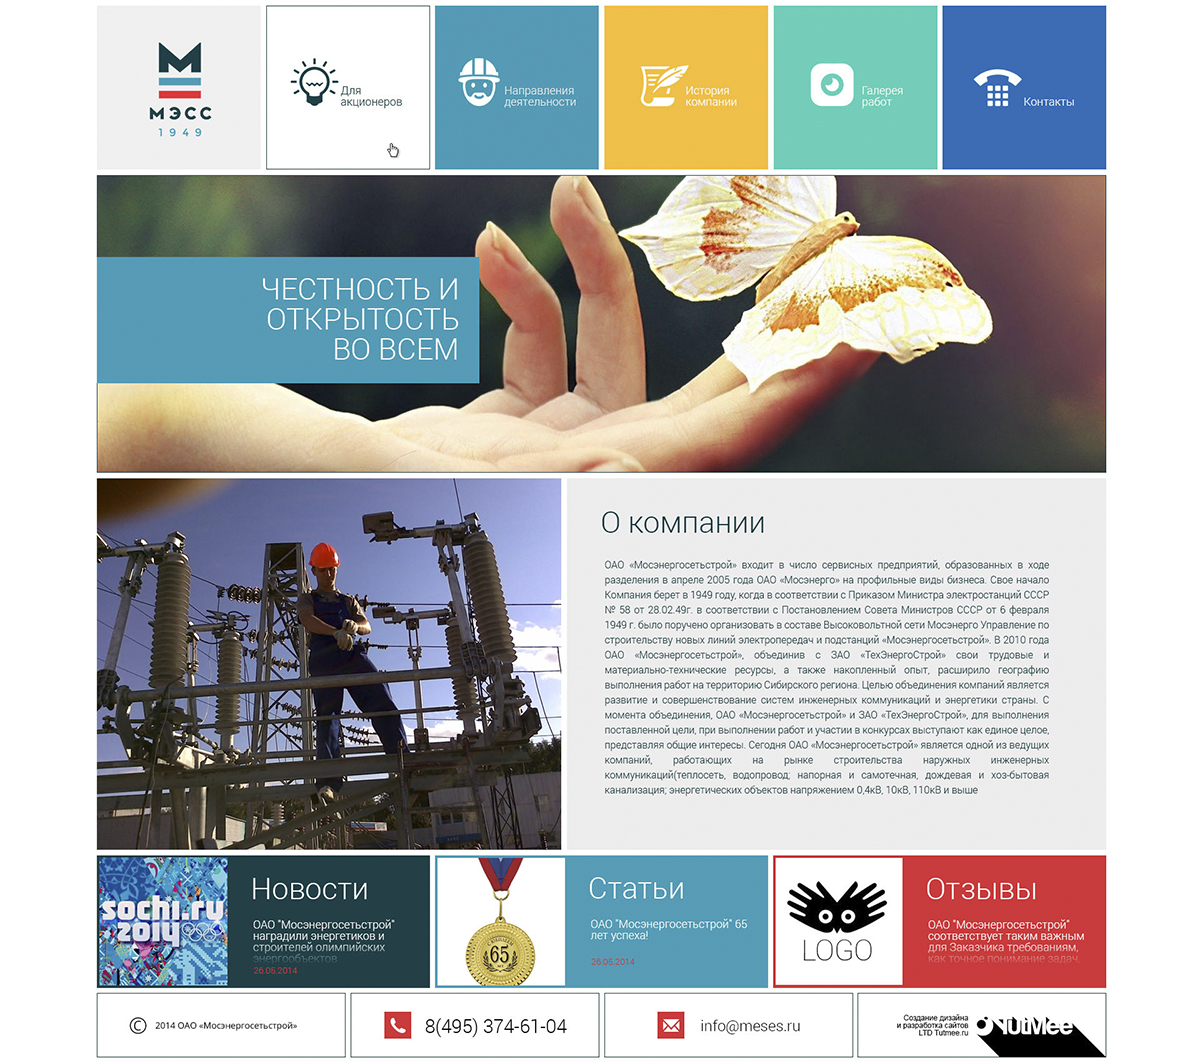 сайт-визитка МЭСС-энерго